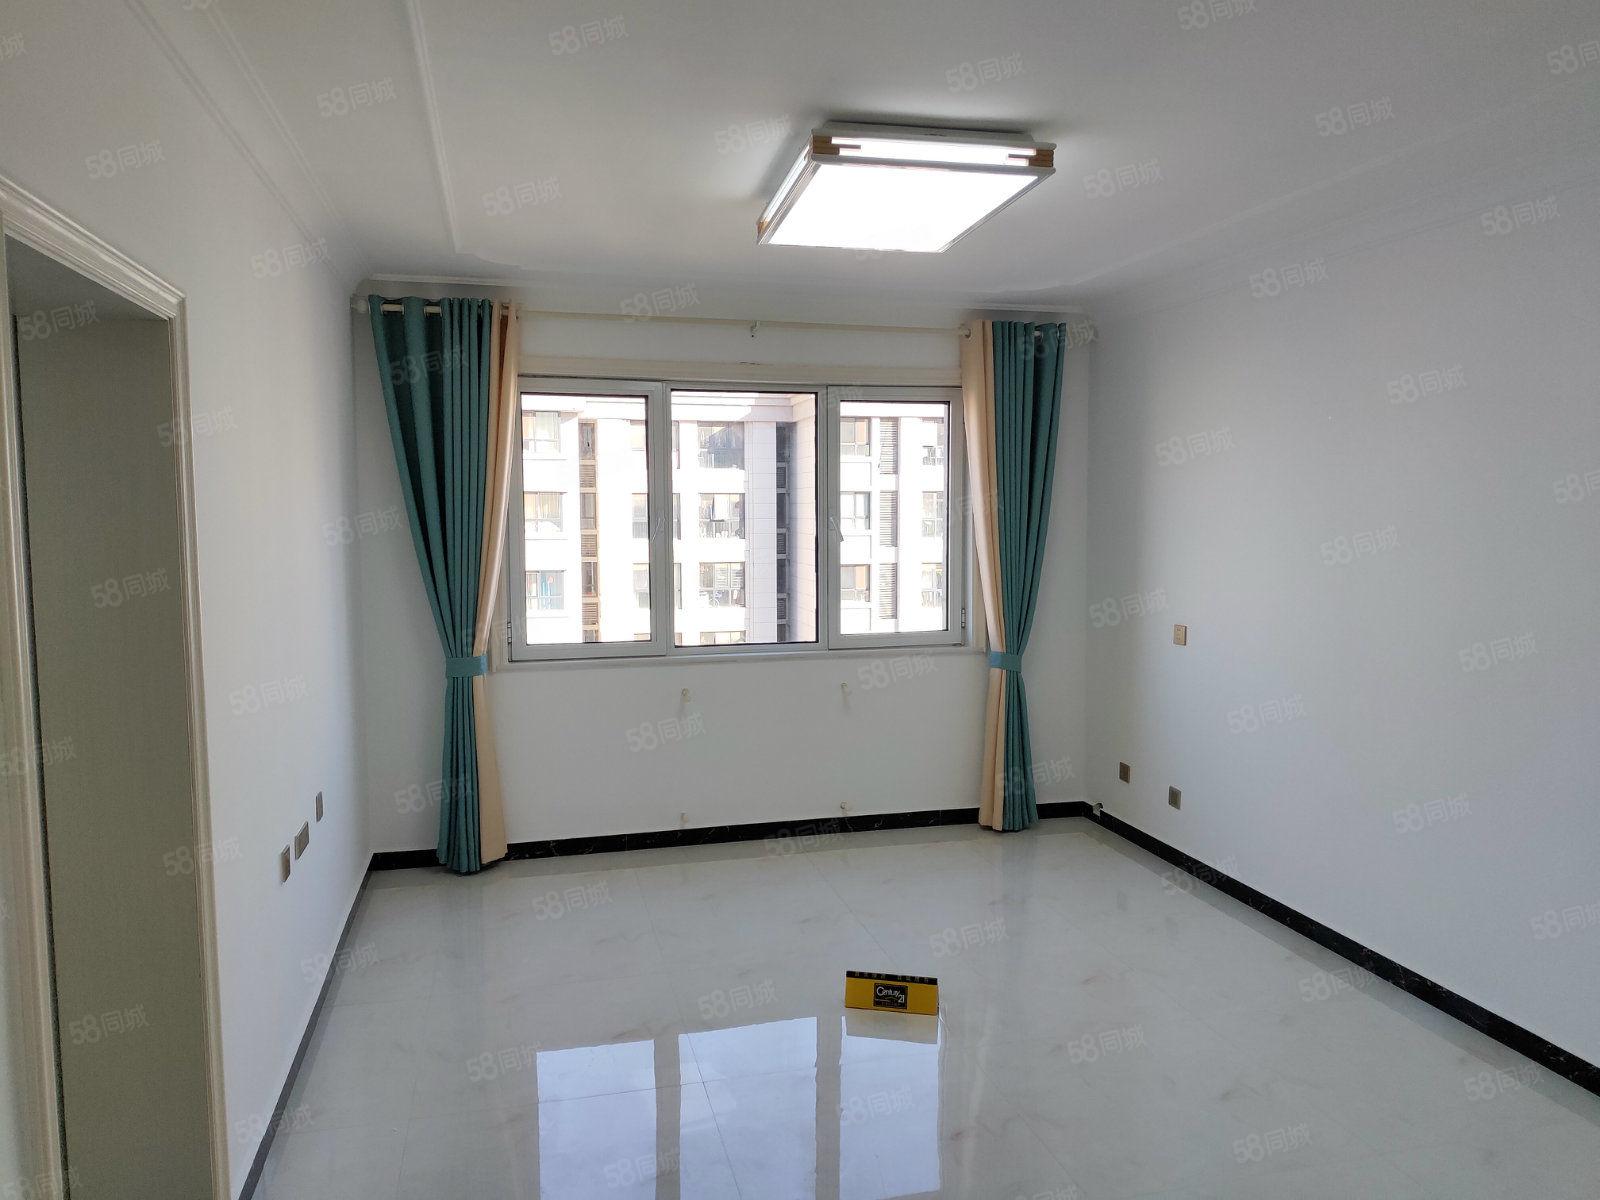 润丰锦尚精装2室房间干净透亮家具家电可配置